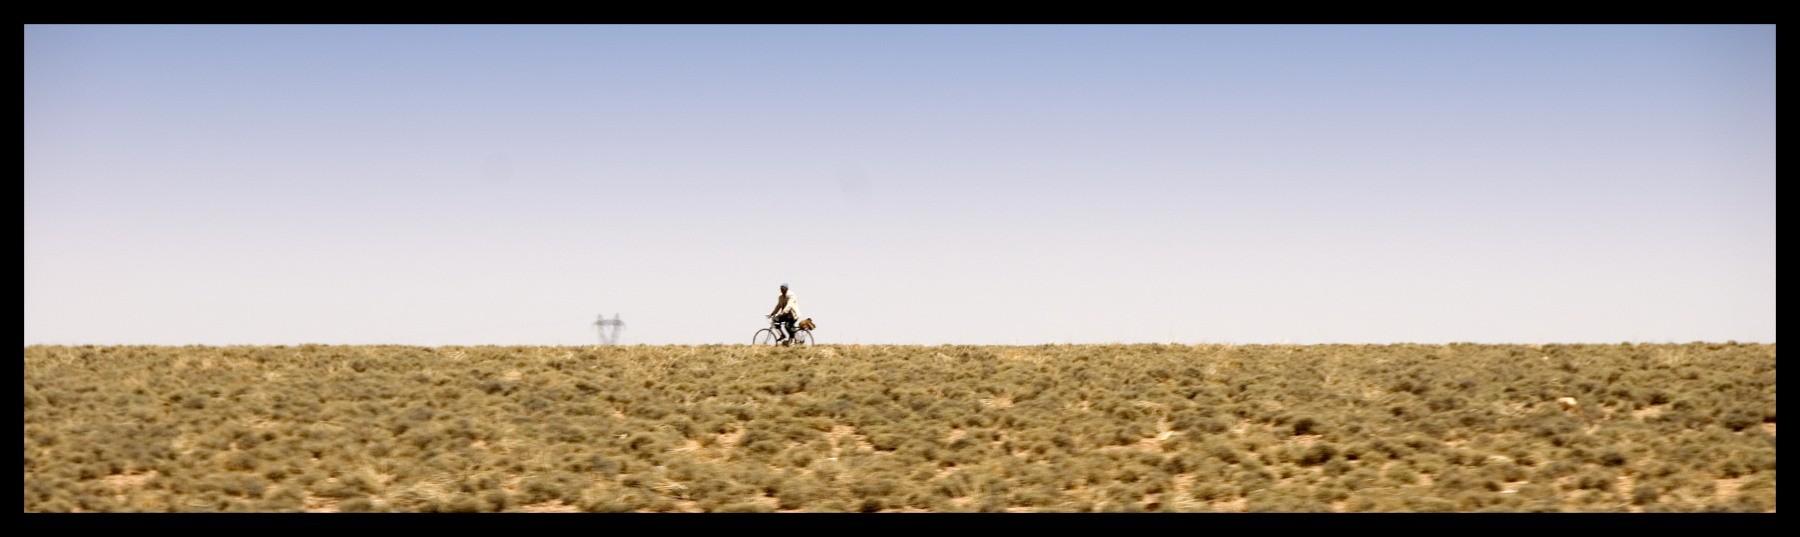 98217_DSC0055 on desert